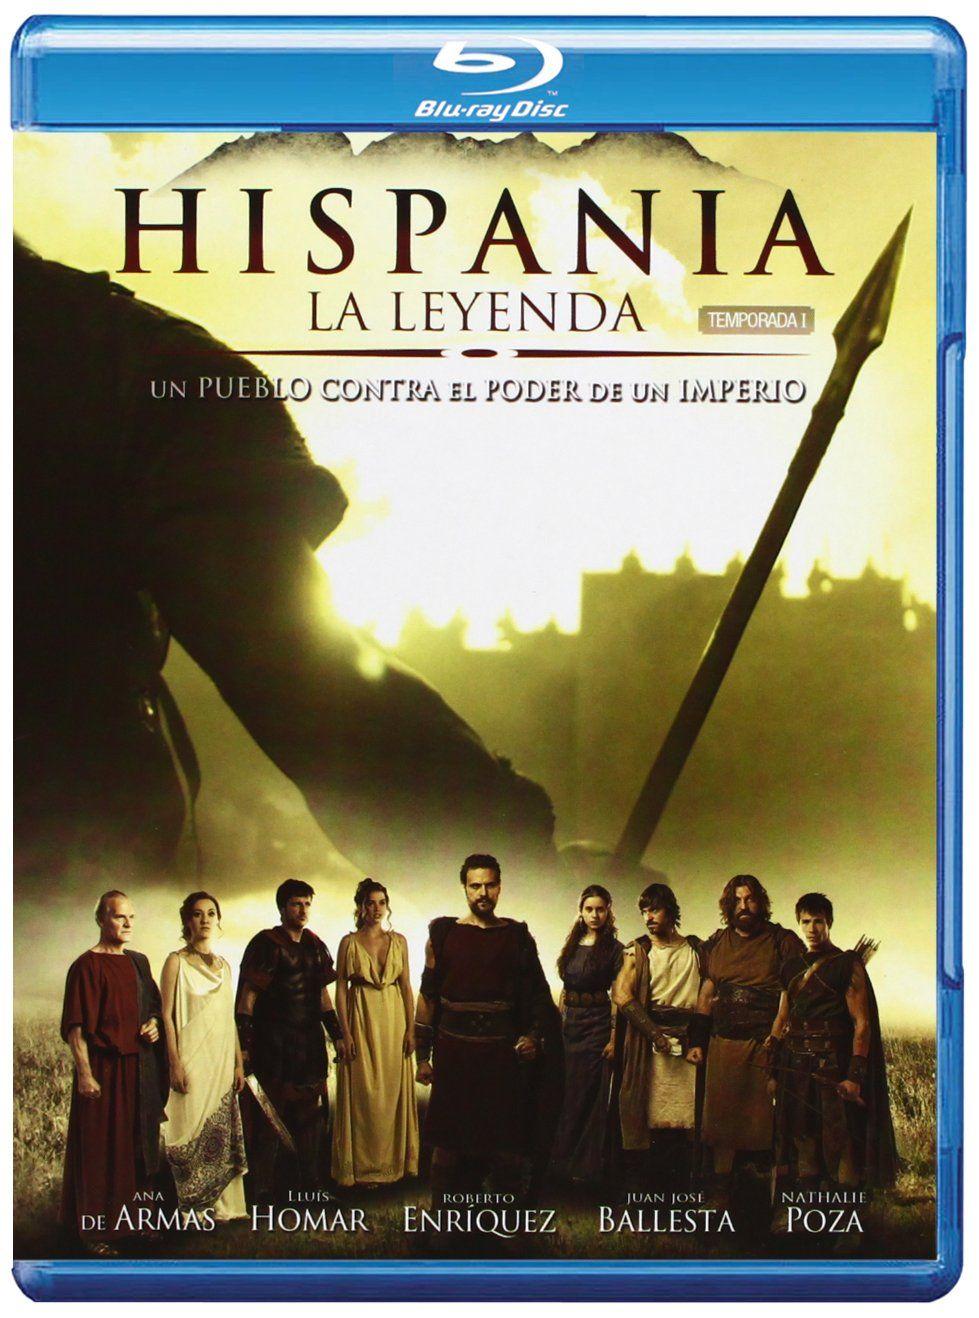 Hispania La Leyenda Full Movie hispania. la leyenda - serie completa [blu-ray] #leyenda